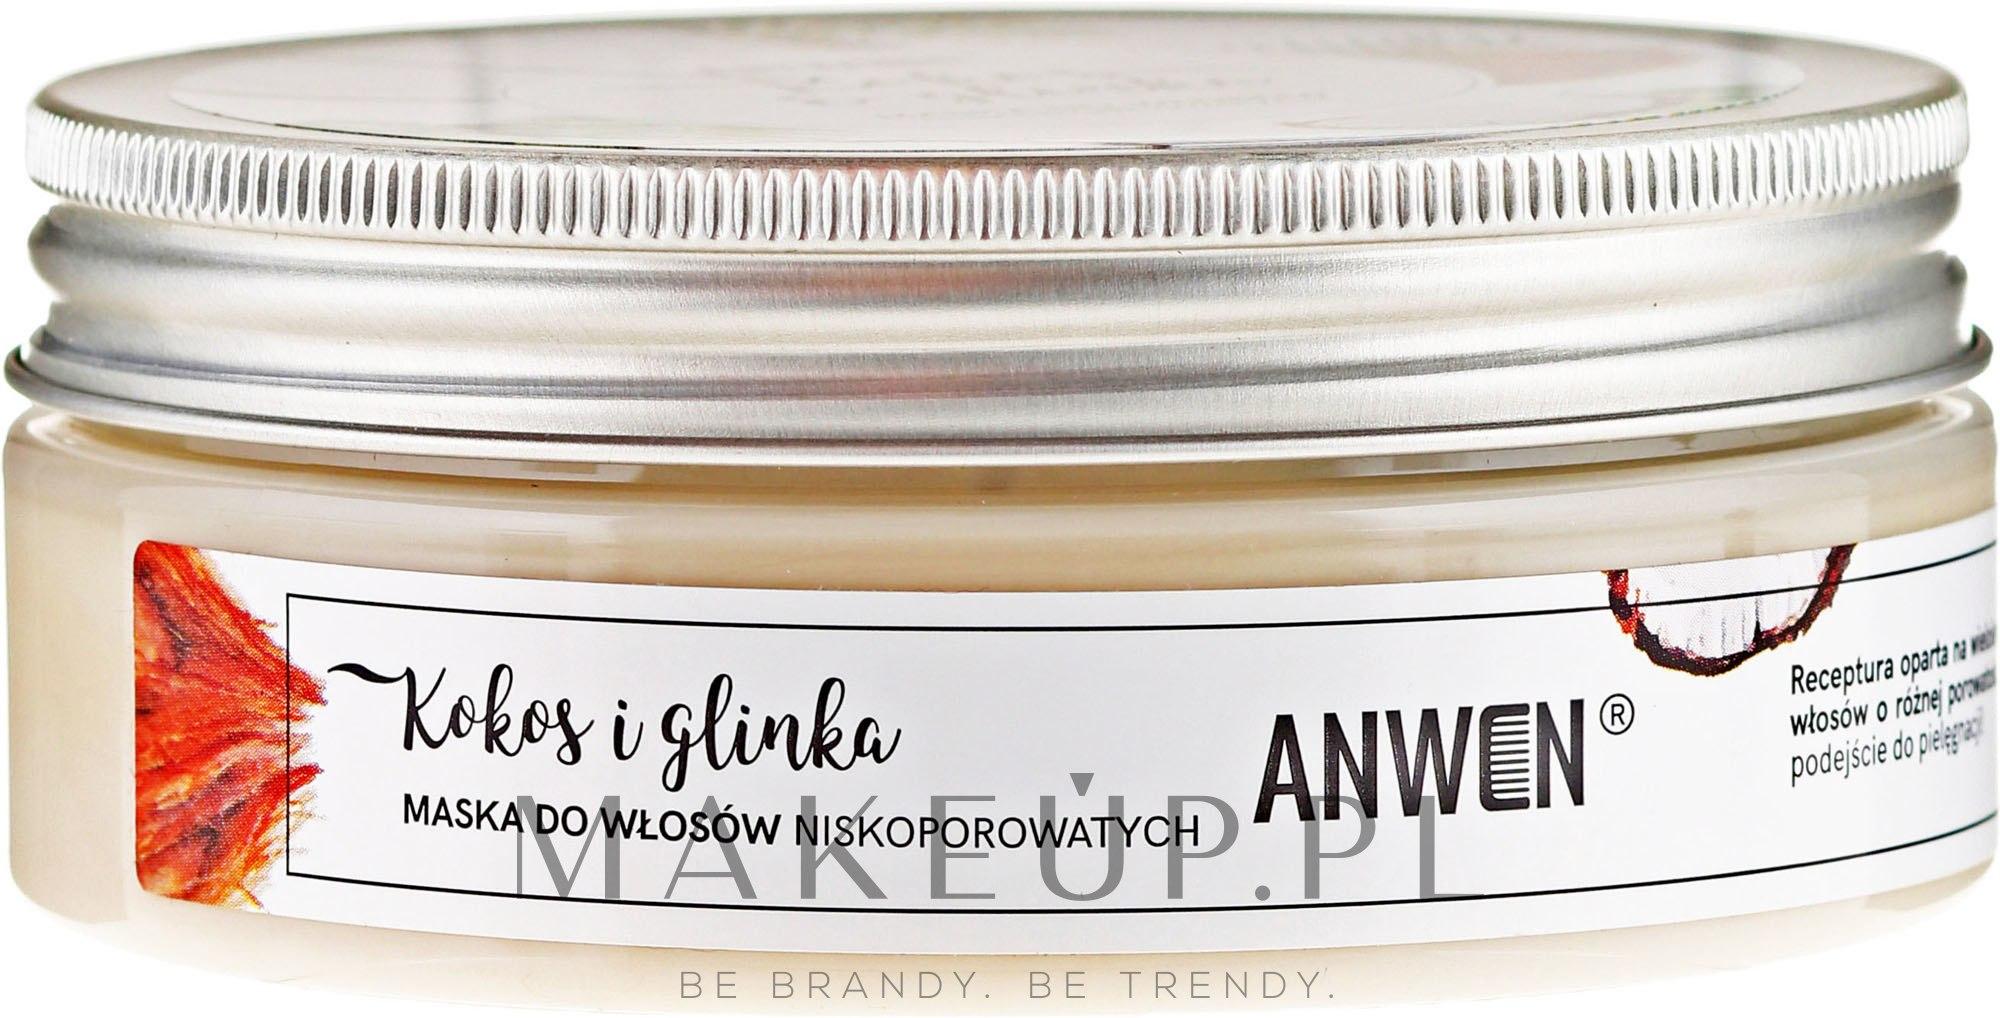 Maska do włosów niskoporowatych Kokos i glinka - Anwen — фото 200 ml